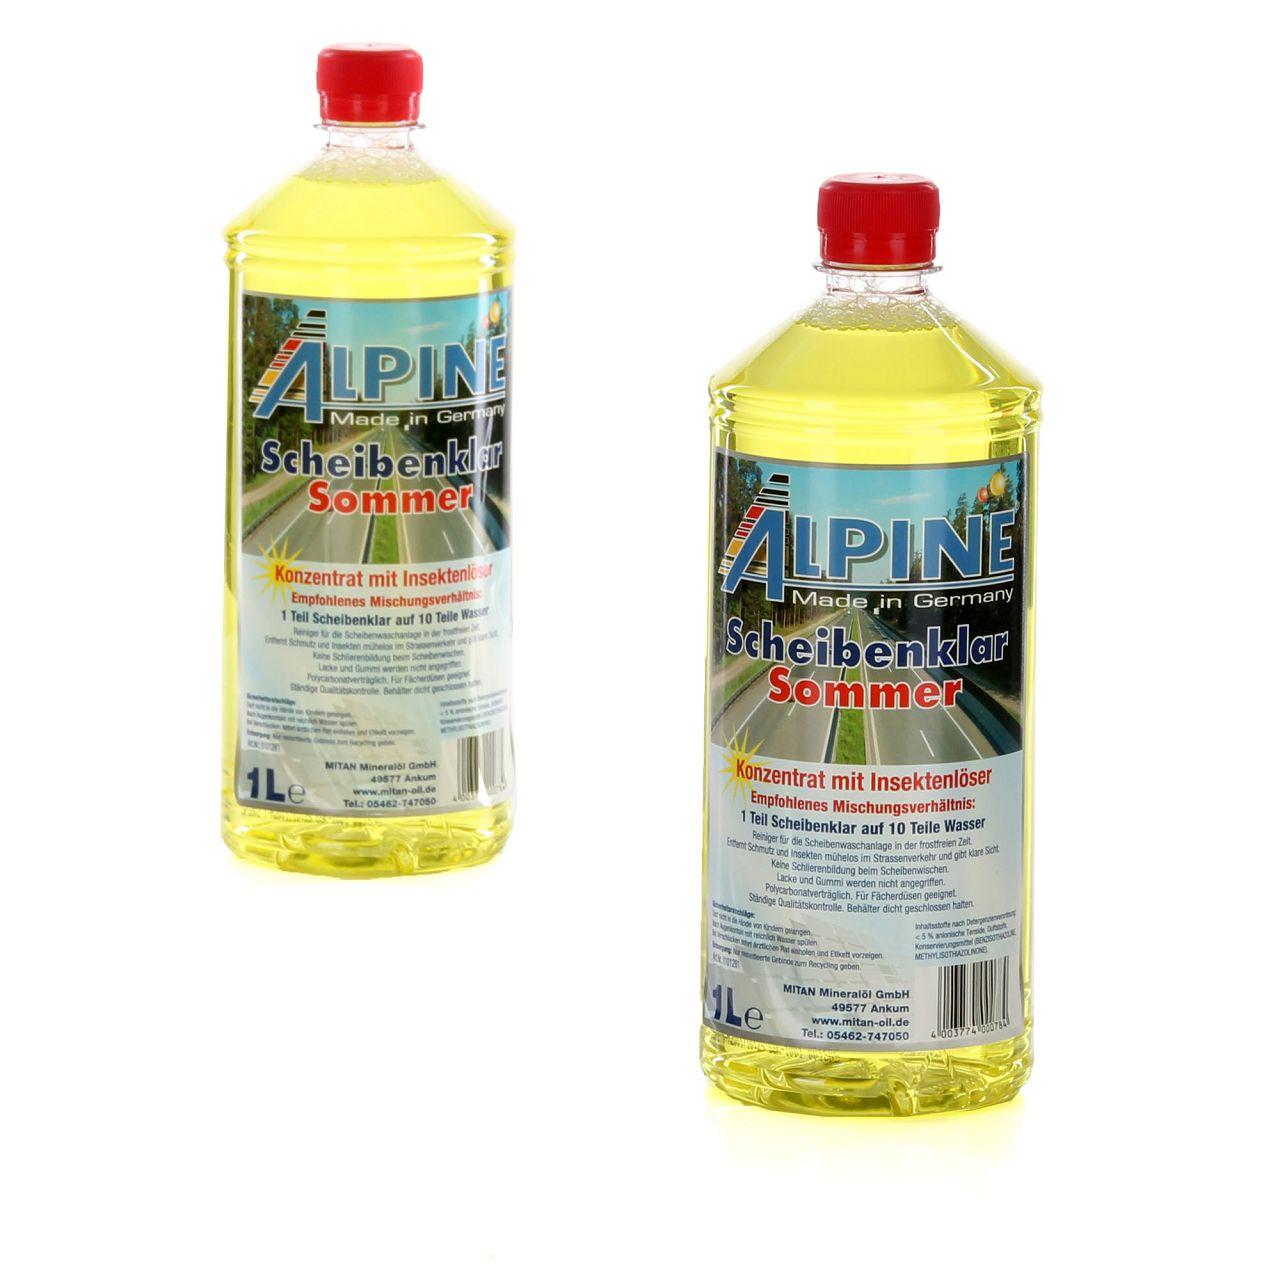 ALPINE Scheibenklar Sommer 1:10 Konzentrat Insektenlöser Citrusduft - 2L 2 Liter